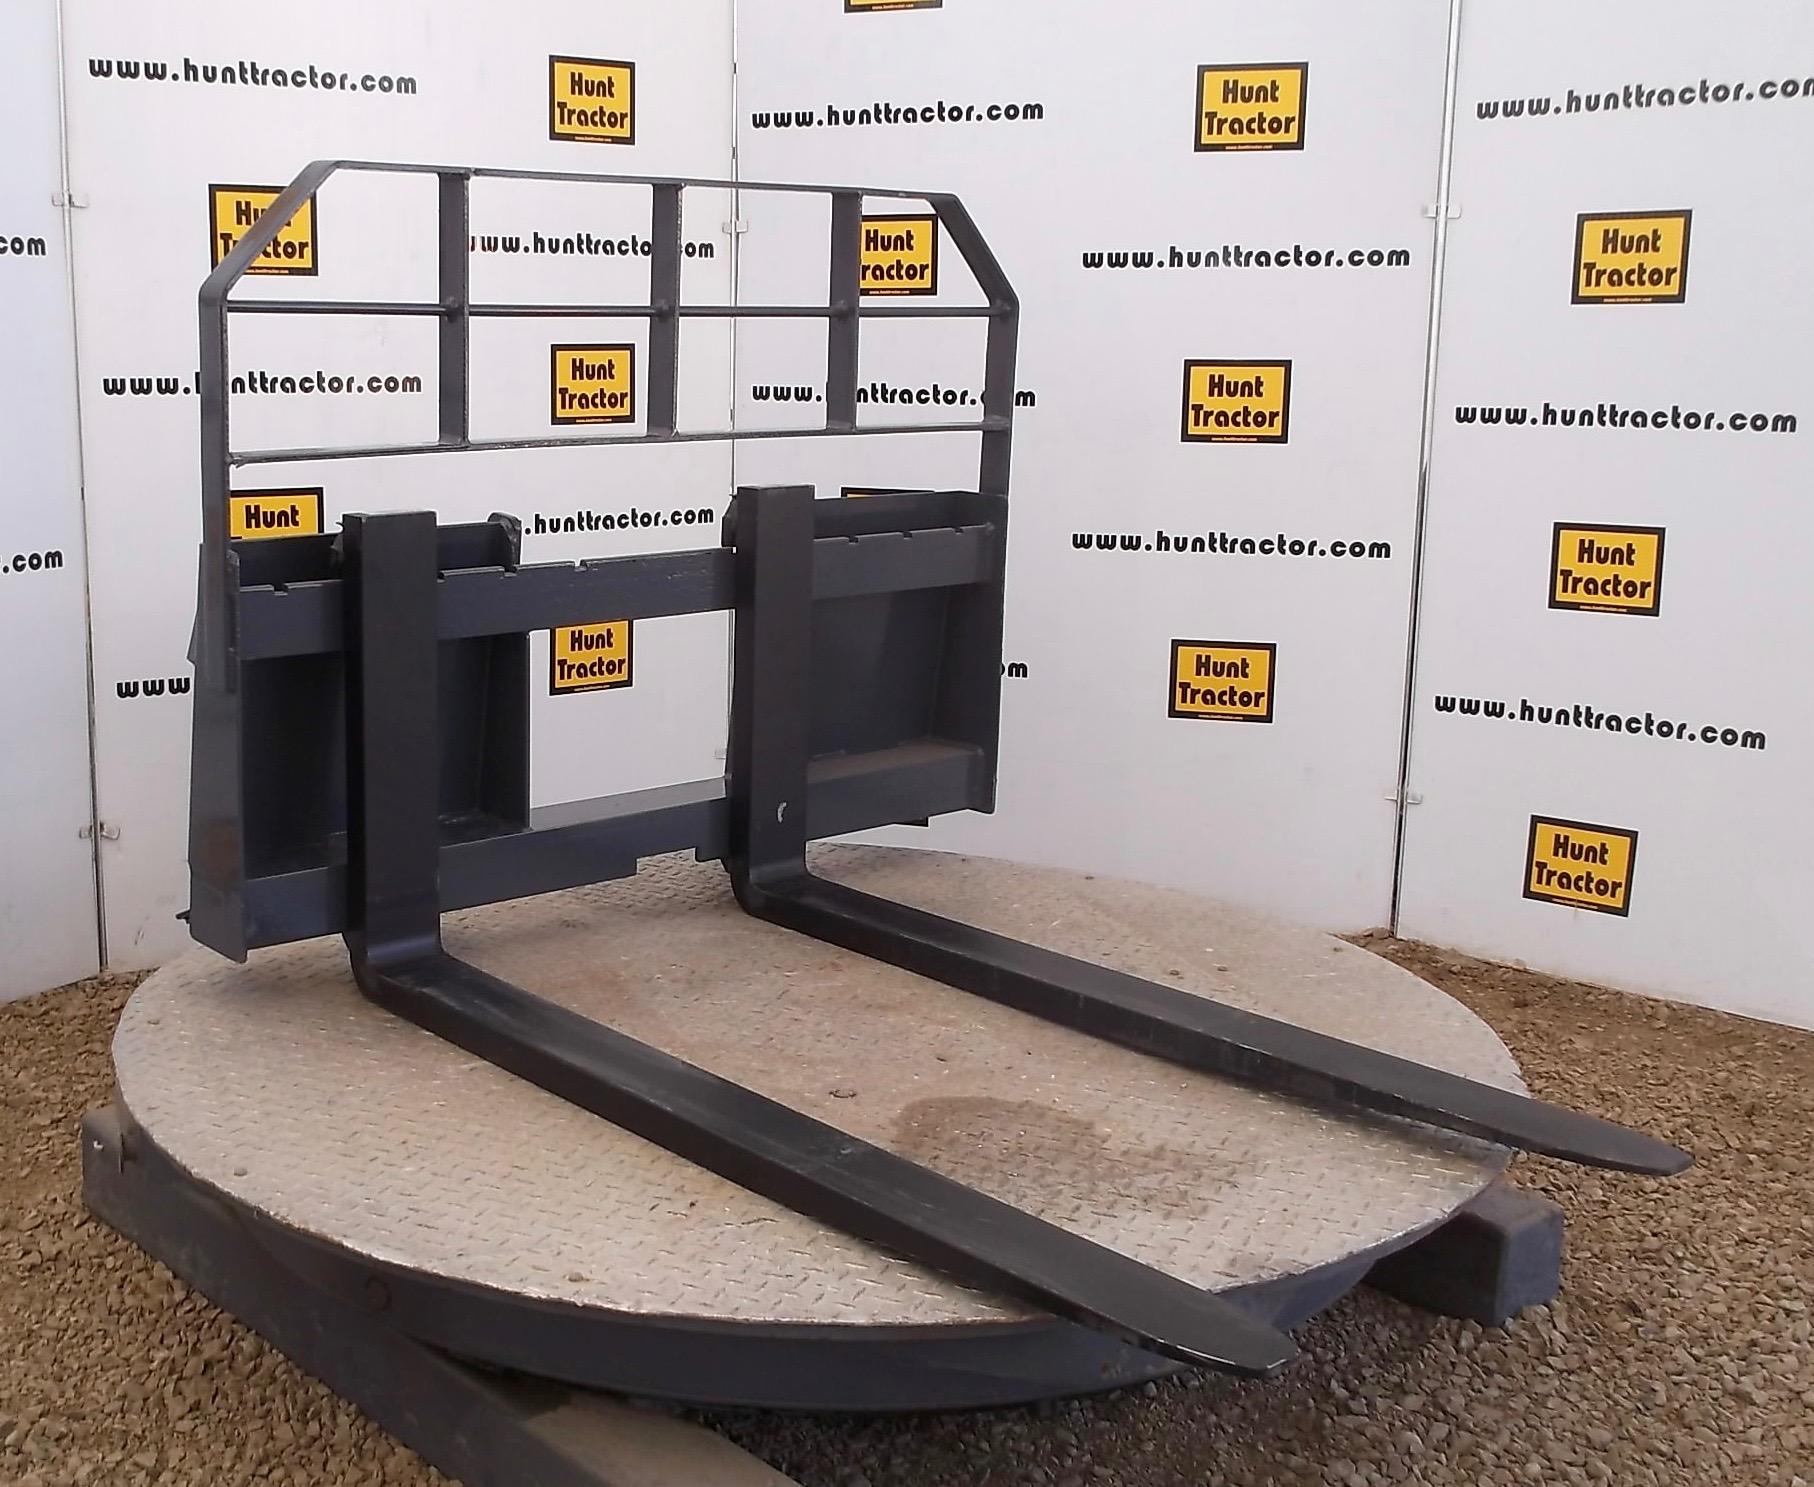 New 4,500 lb Universal Skid Steer Forks For Sale